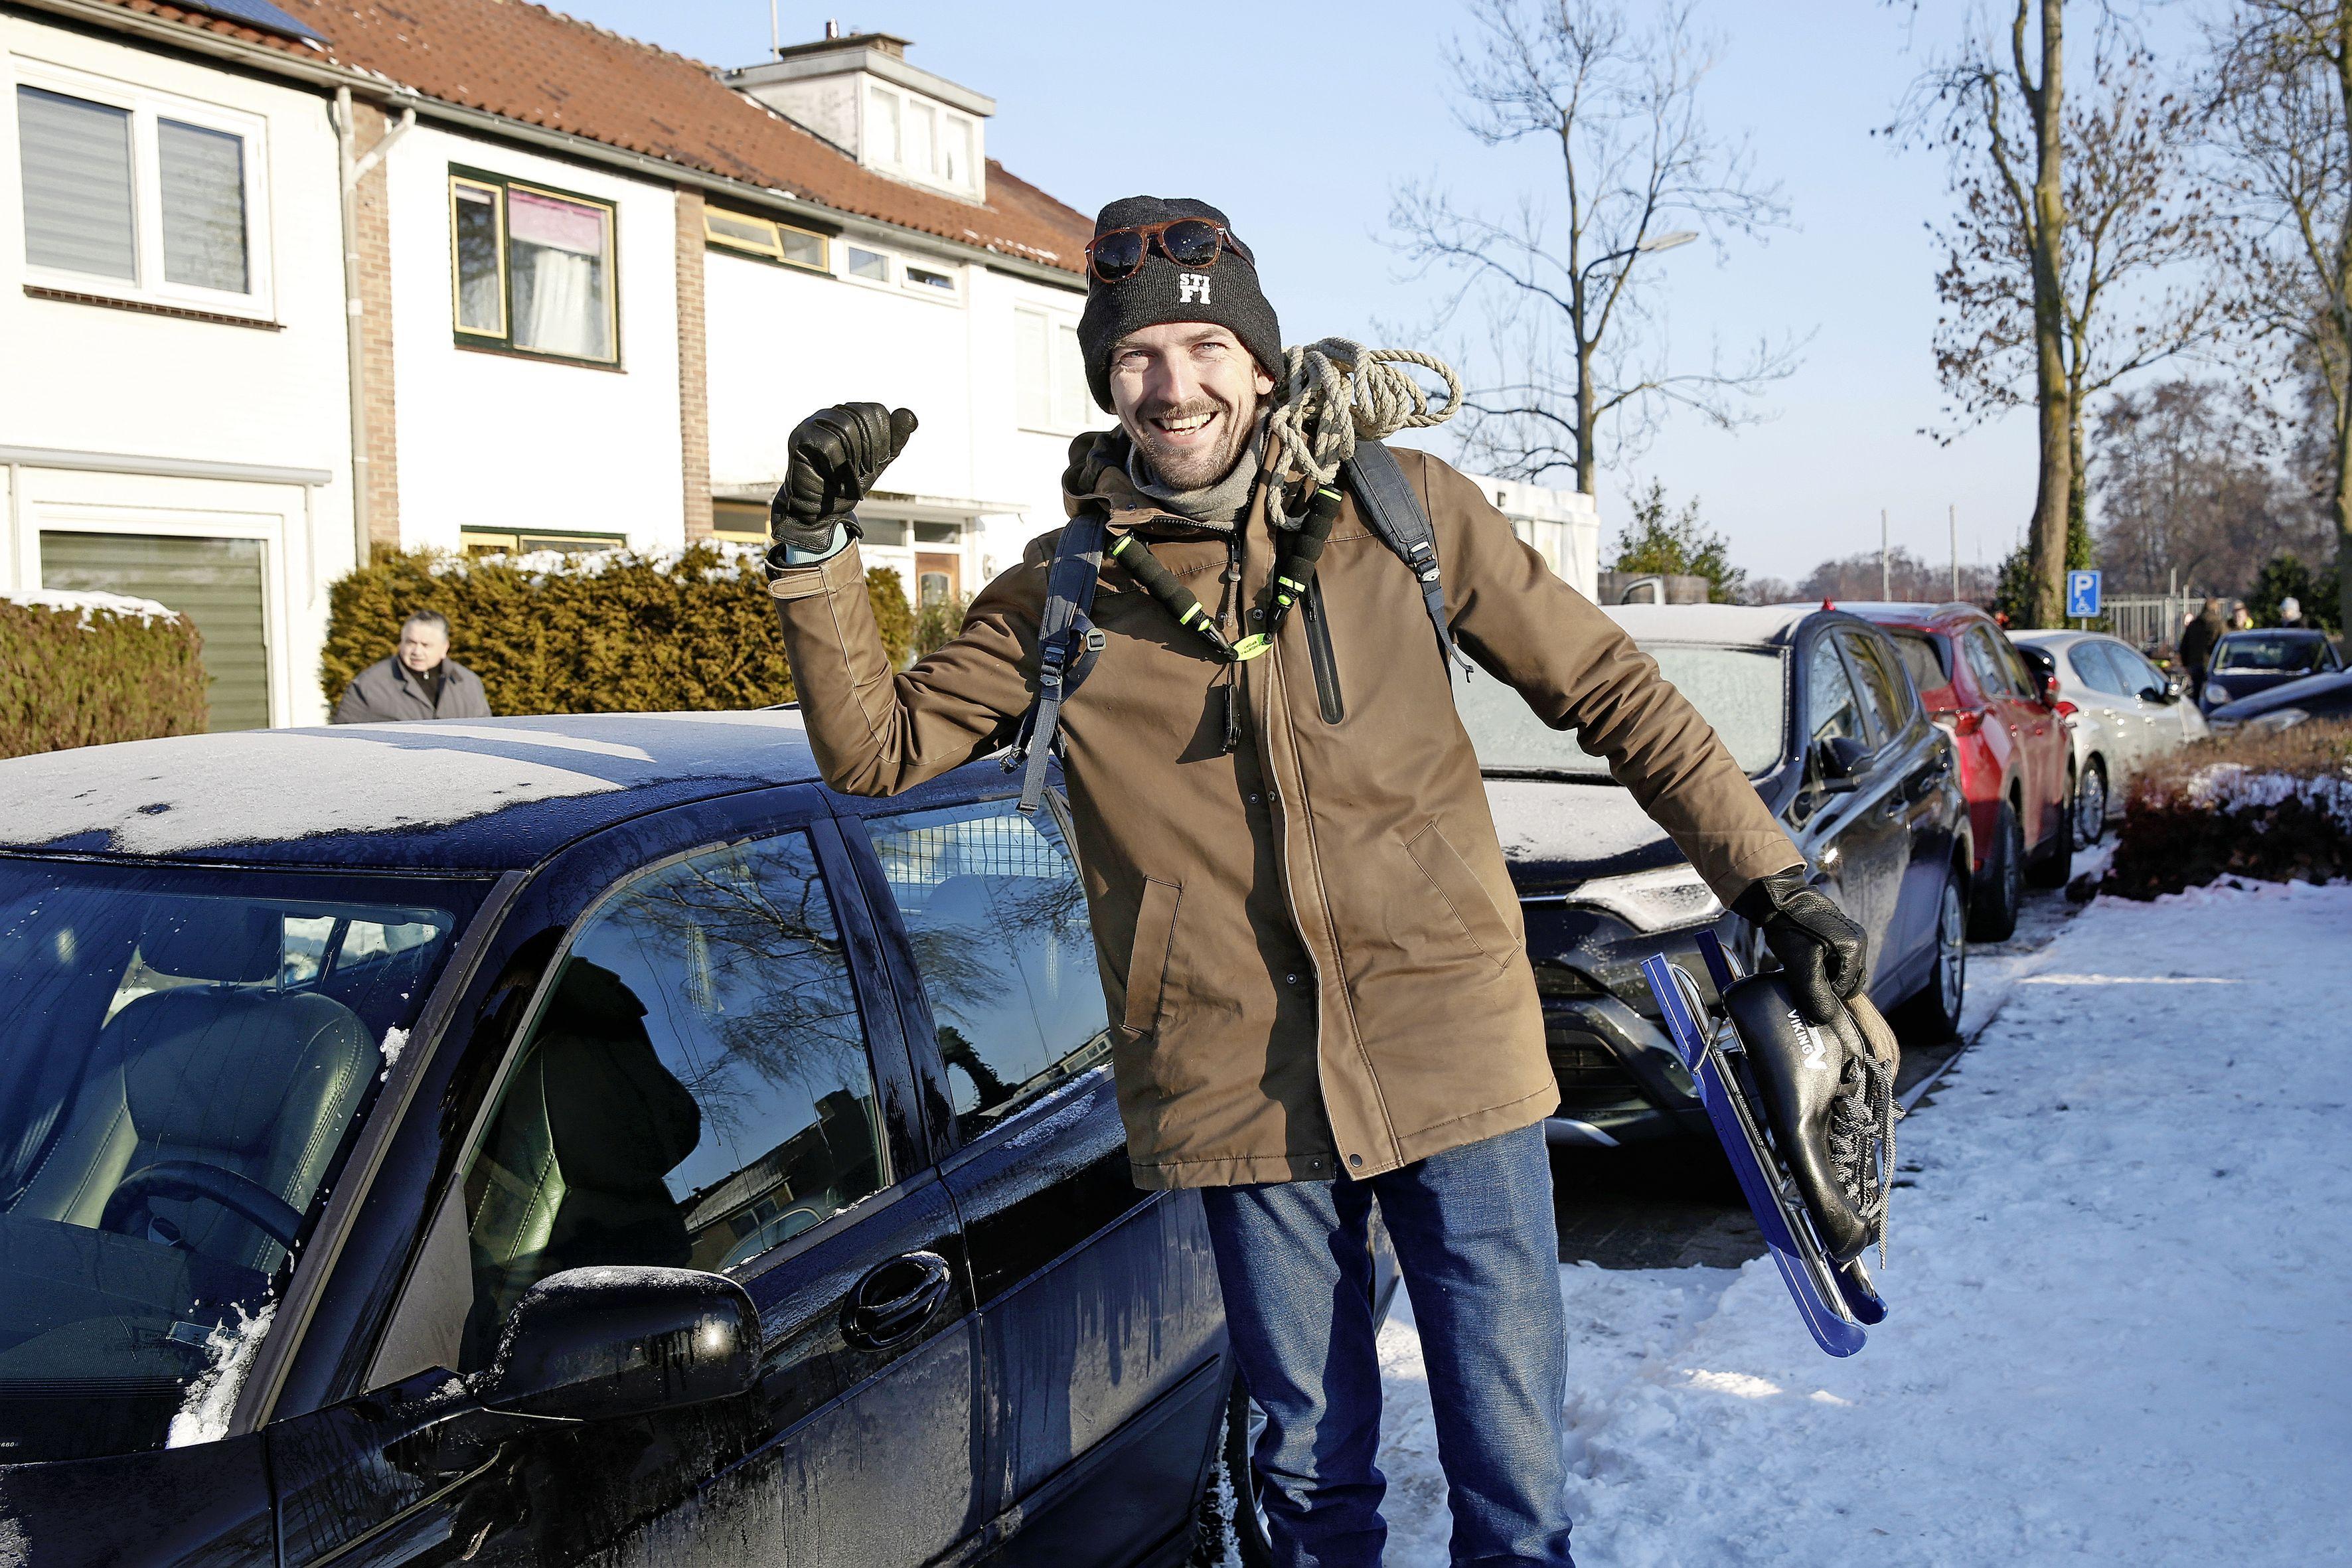 Waar laat je je auto? Enorme toeloop van schaatsers zorgt voor parkeerproblemen in Loosdrecht: 'Wat een mazzel dat ik een plekje heb gevonden'